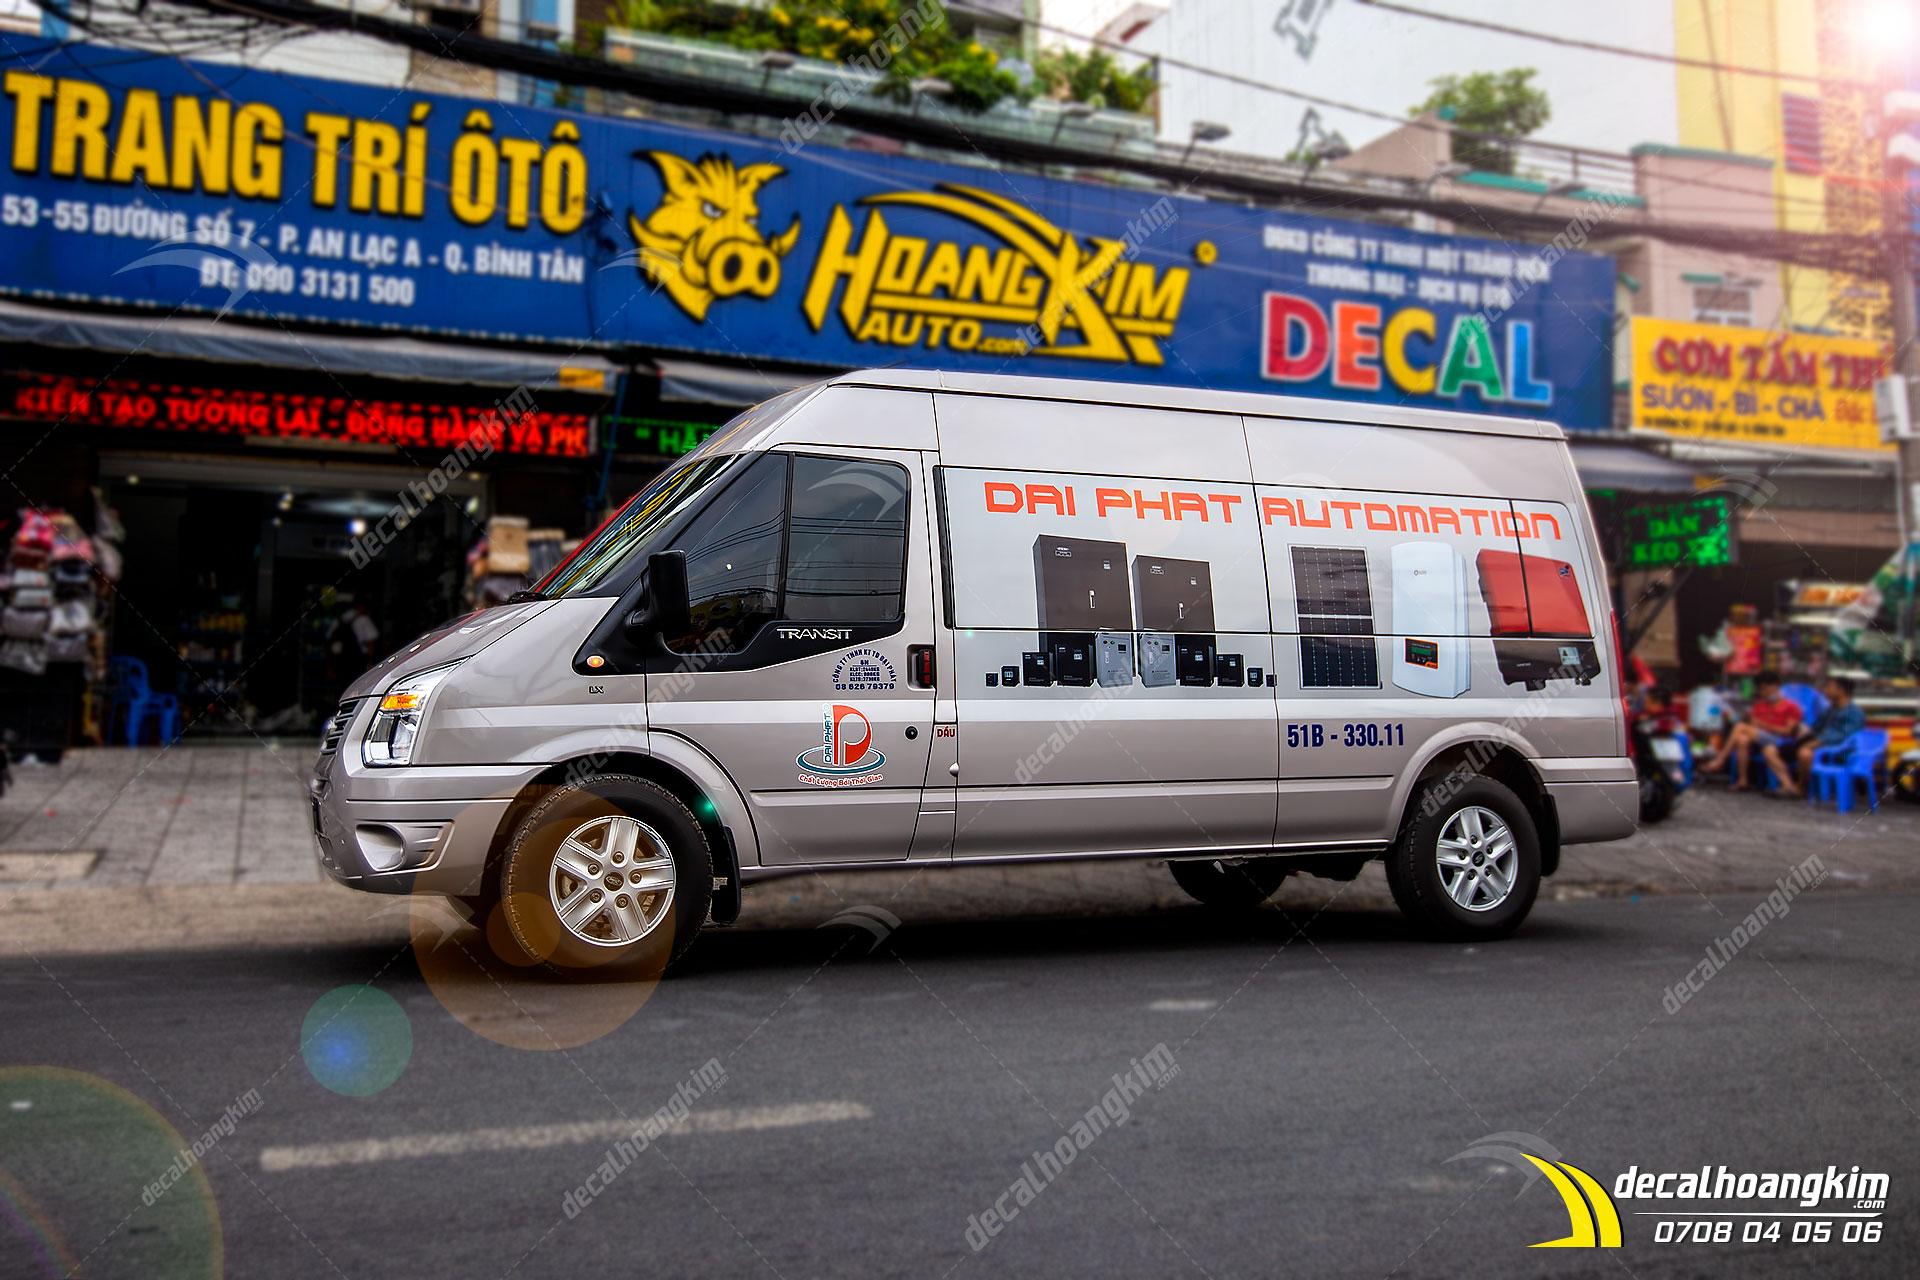 Dán Quảng Cáo Trên Xe Ô Tô - DQC181